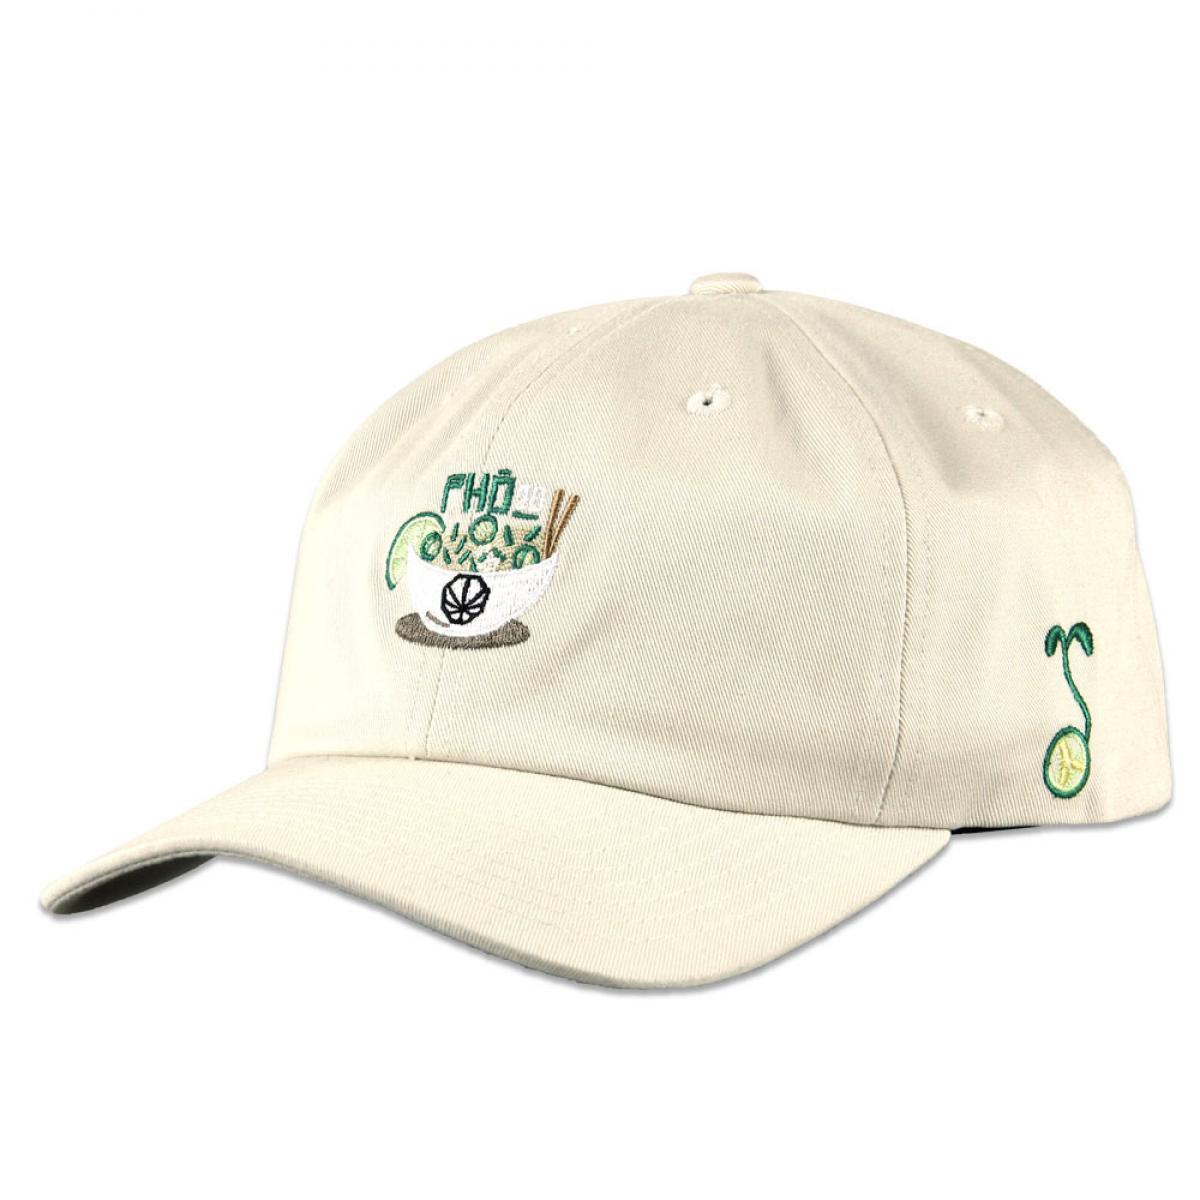 pho20 Tan Dad Hat